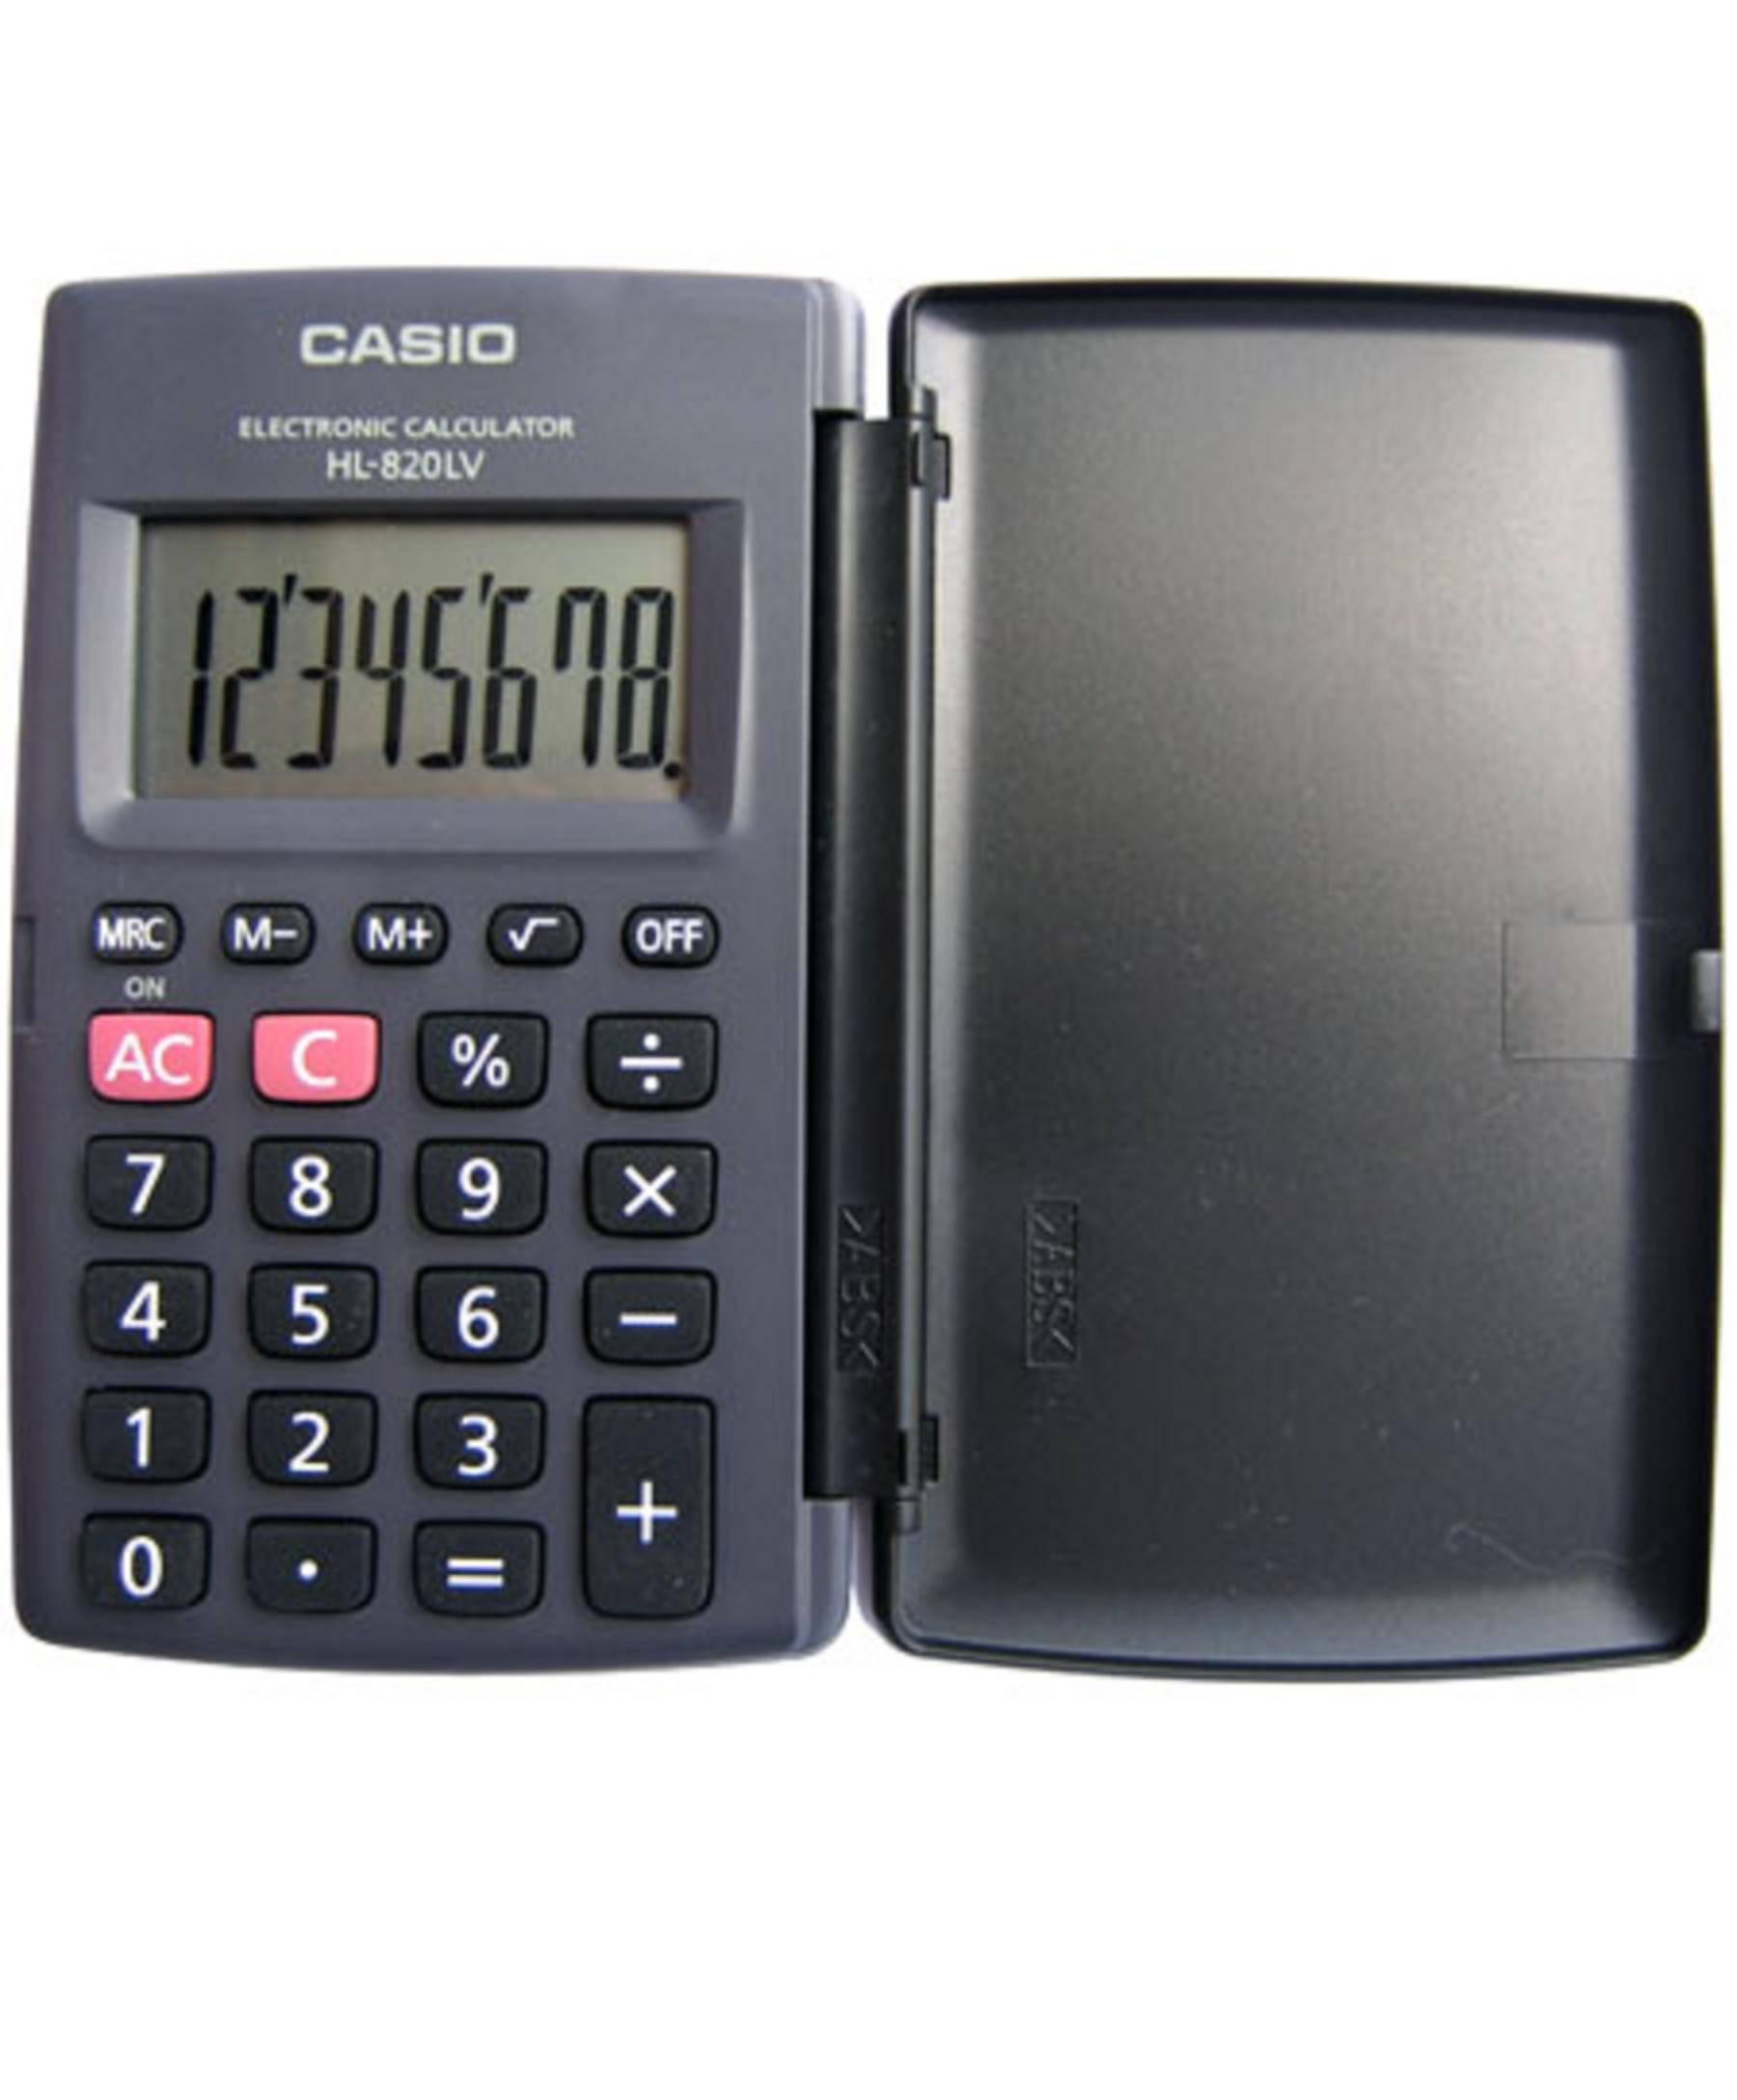 Калькулятор CASIO HL-820LV 8-разрядный карманный с крышкой